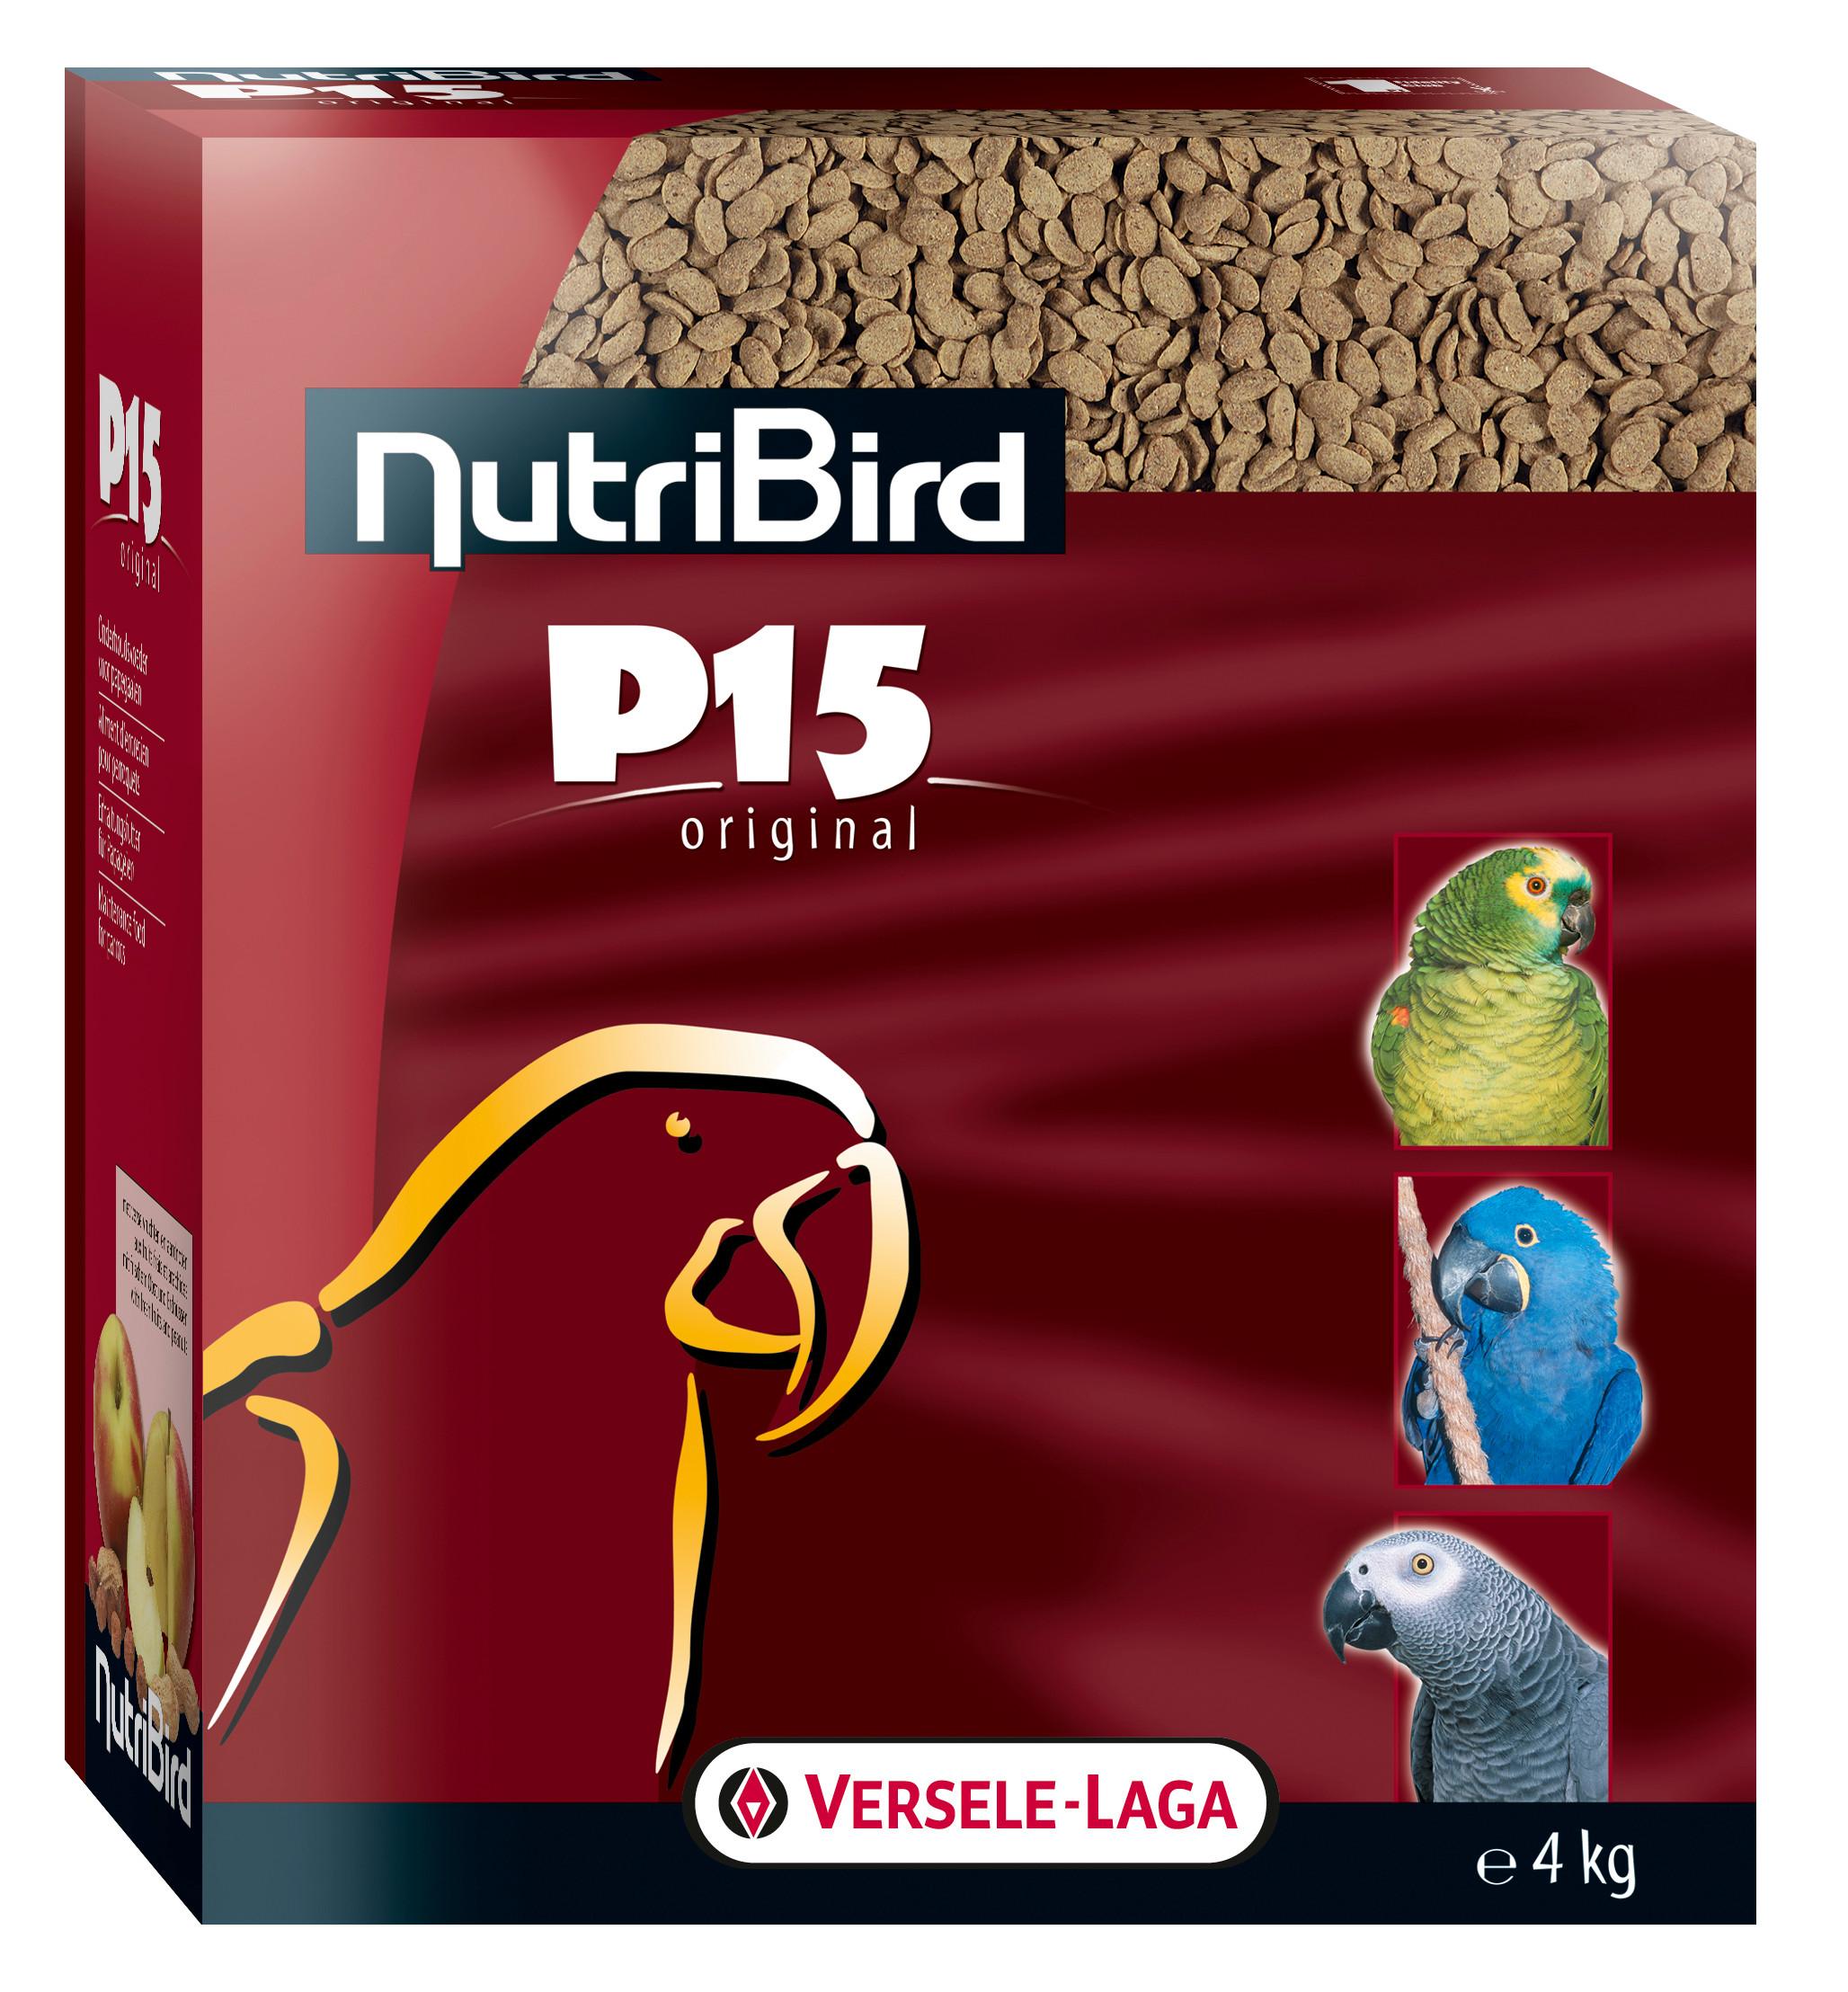 Nutribird P15 Original papegaaienvoer